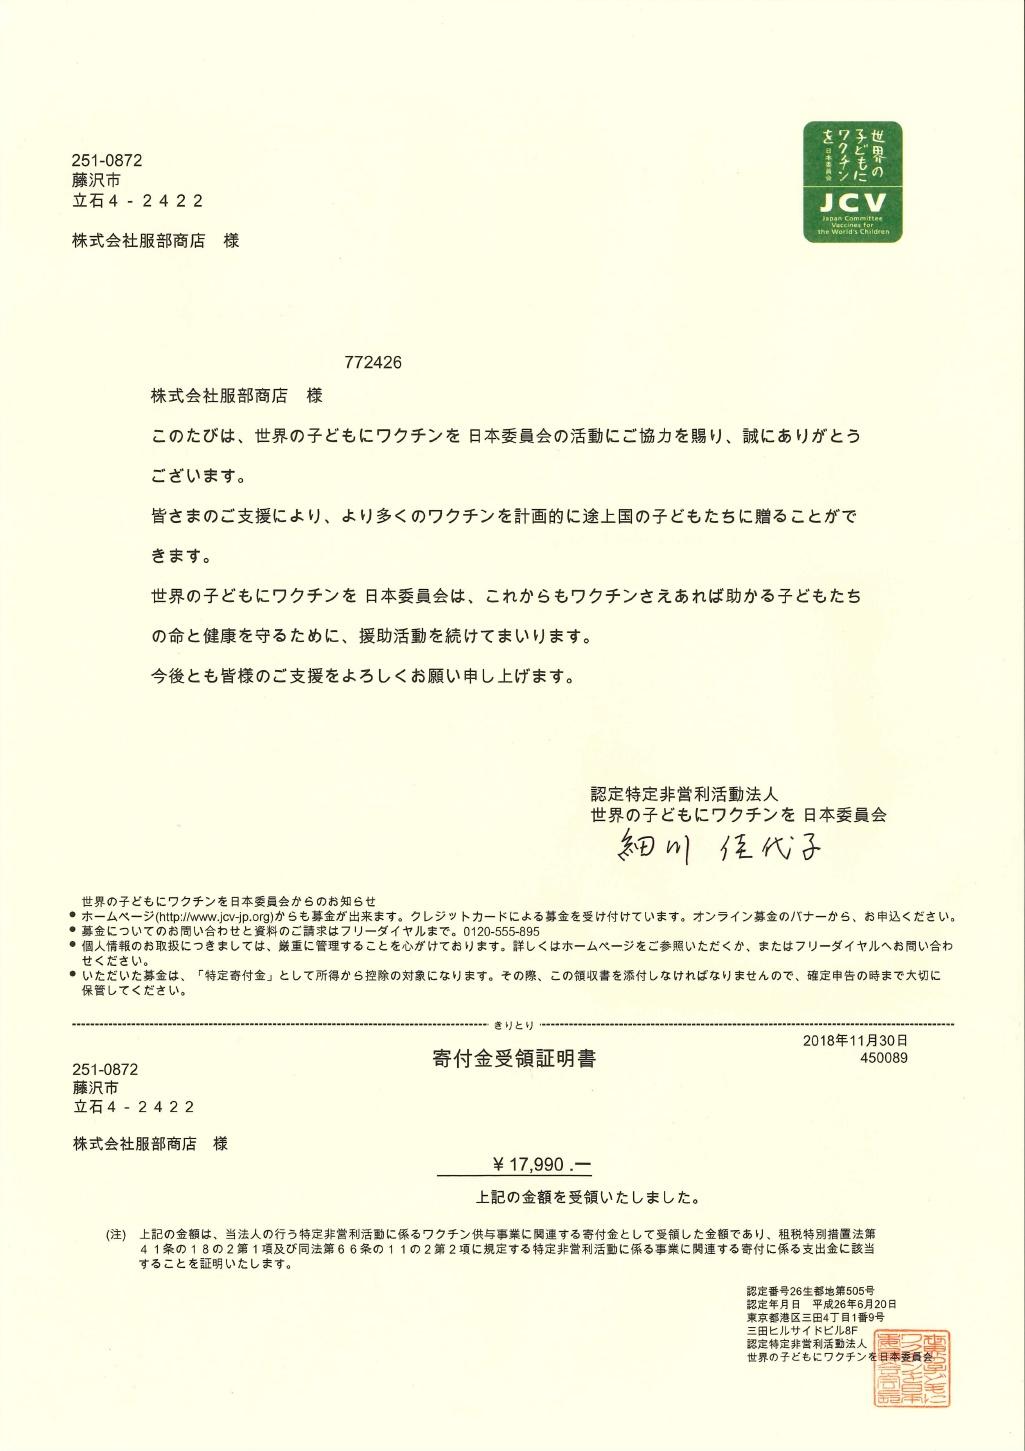 服部商店 ロコヨキャッププロジェクト 報告書 42